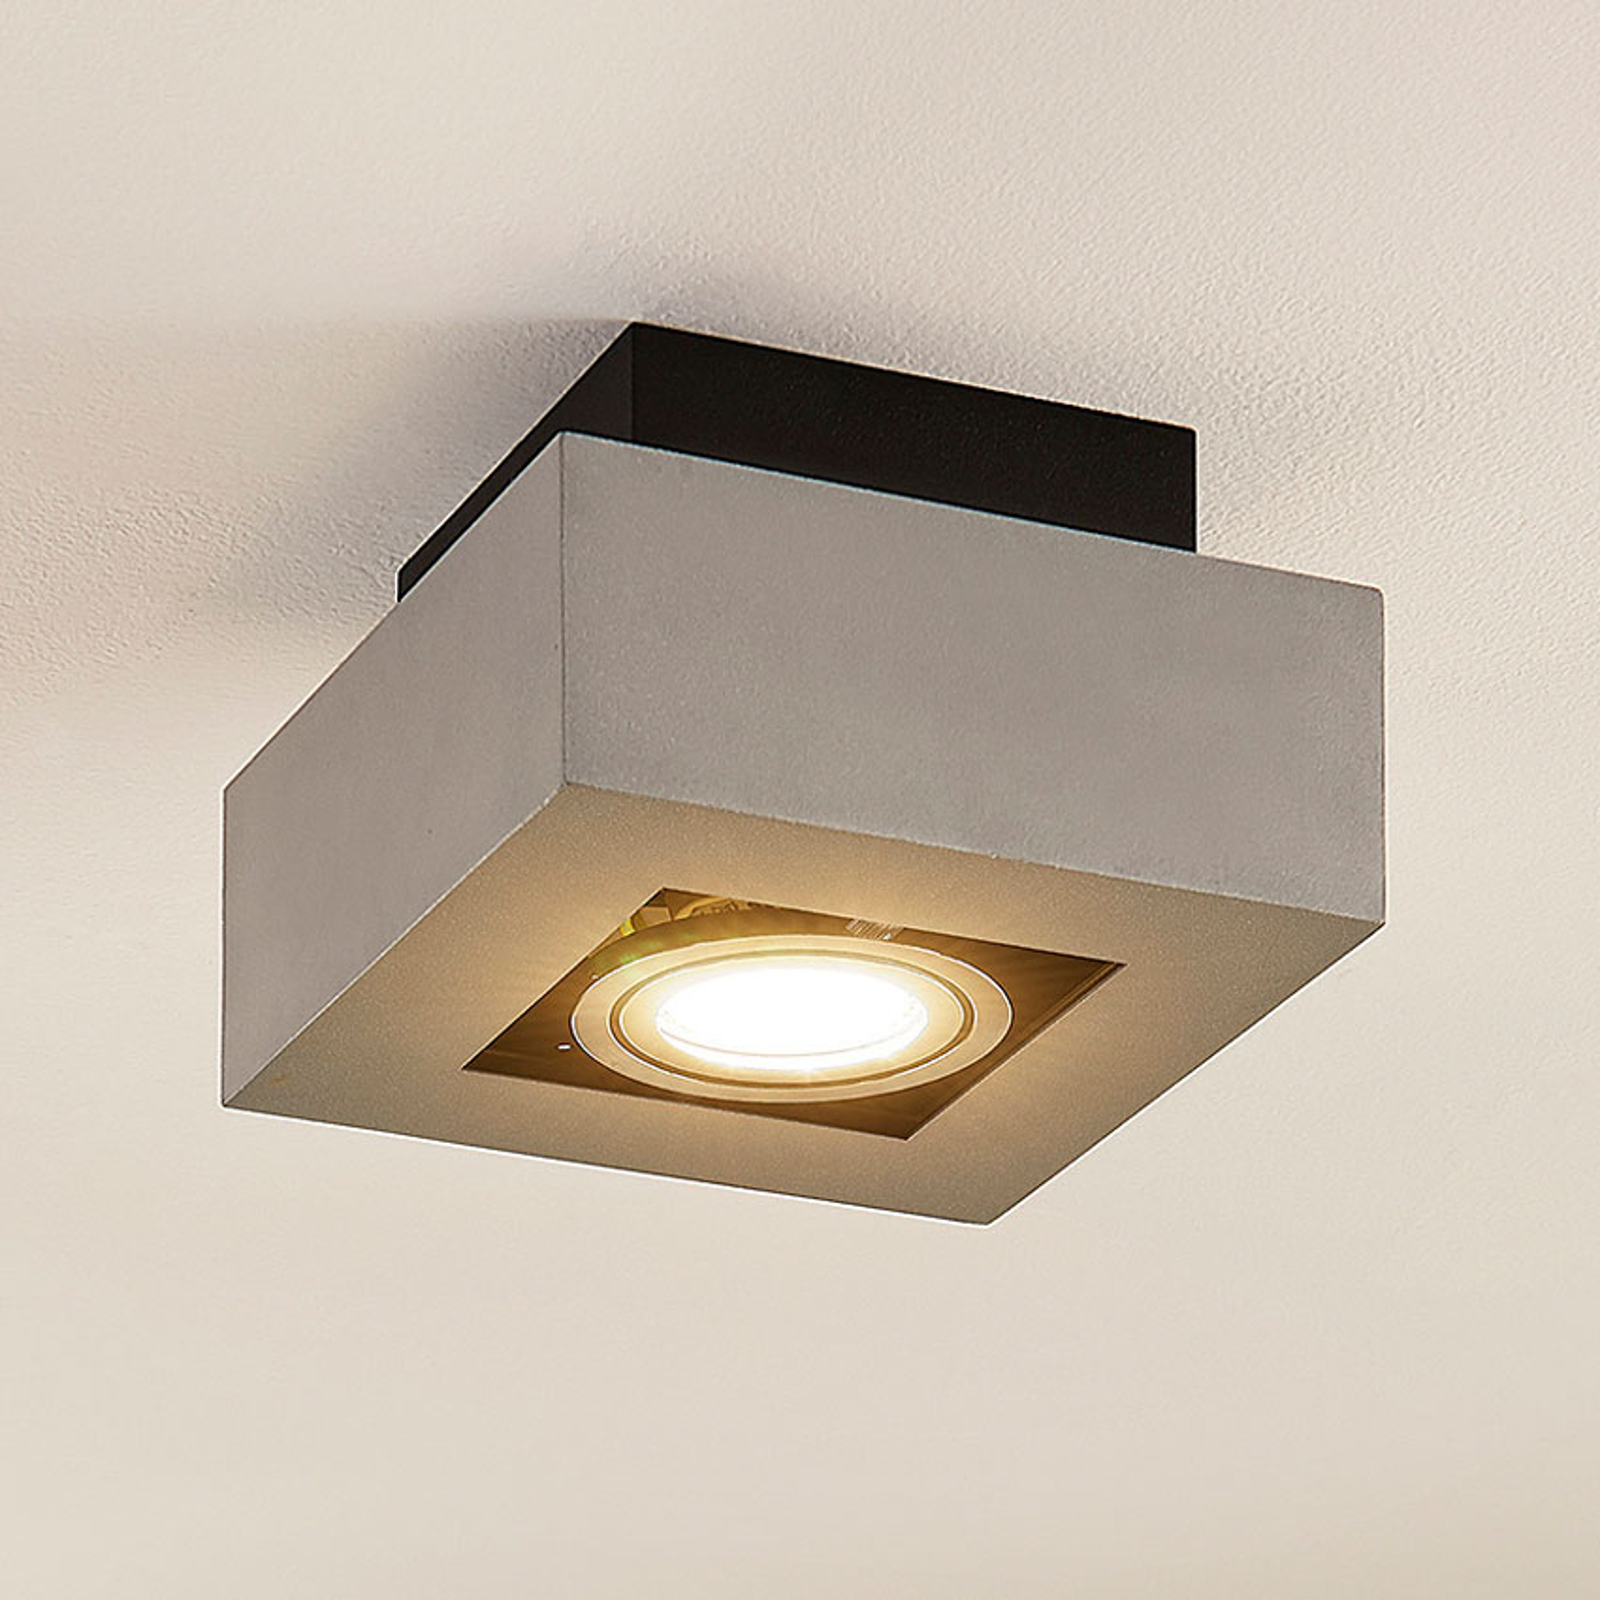 Alumiininen LED-kattovalaisin Vince, hopeanharmaa